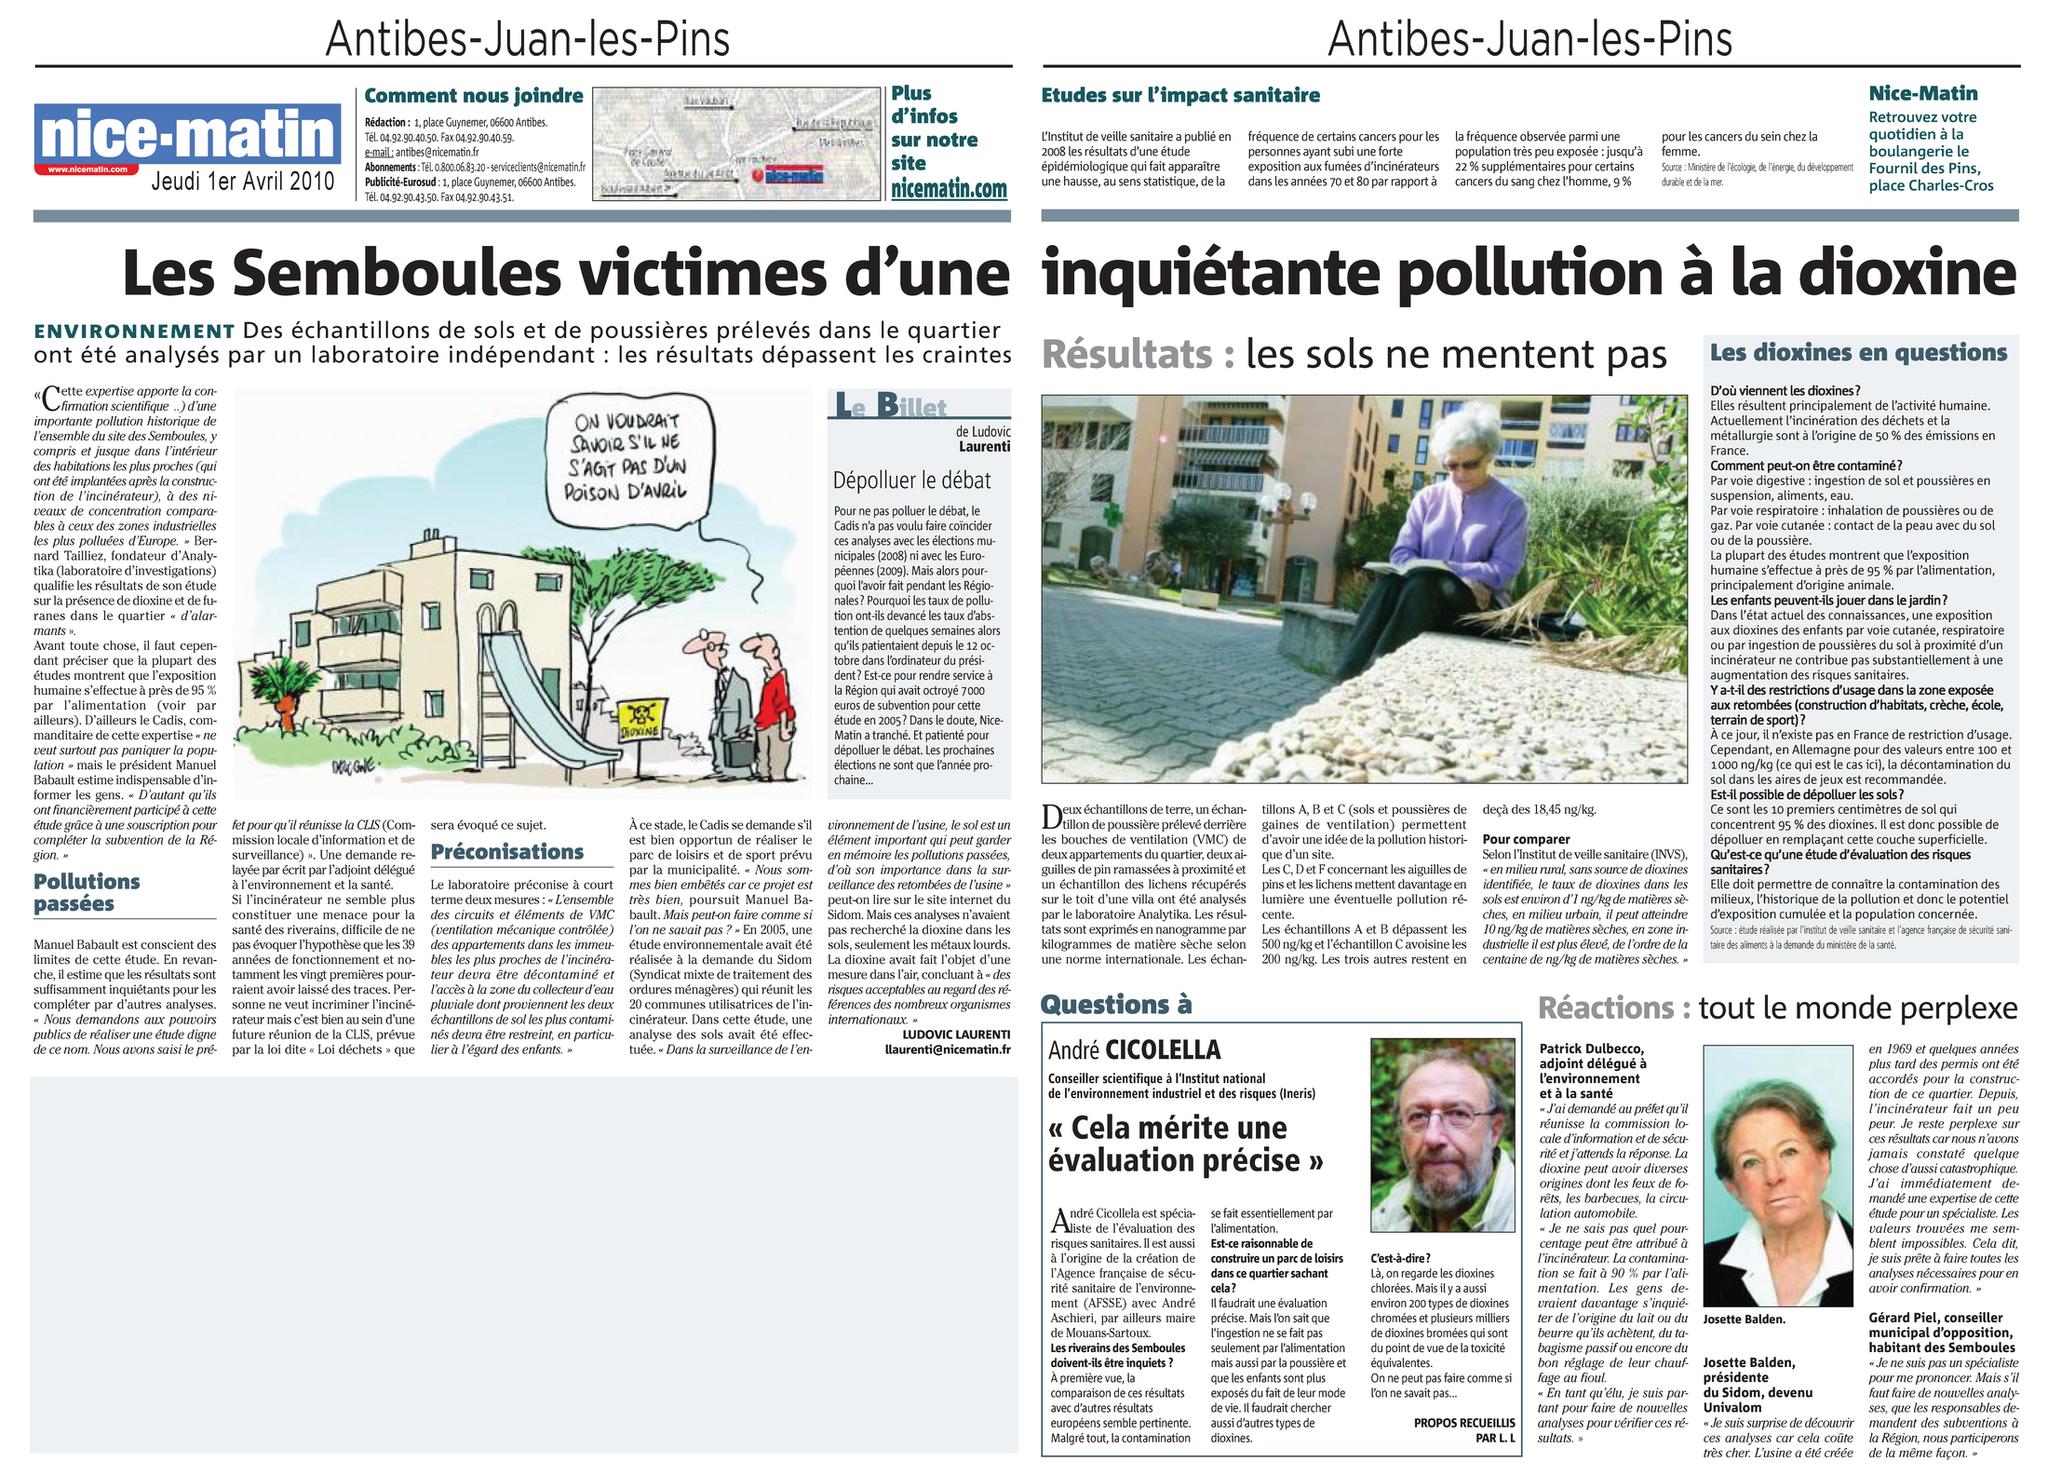 """01.04.2010 > NICE MATIN : """"Les Semboules victimes d'une inquiétante pollution à la dioxine"""""""